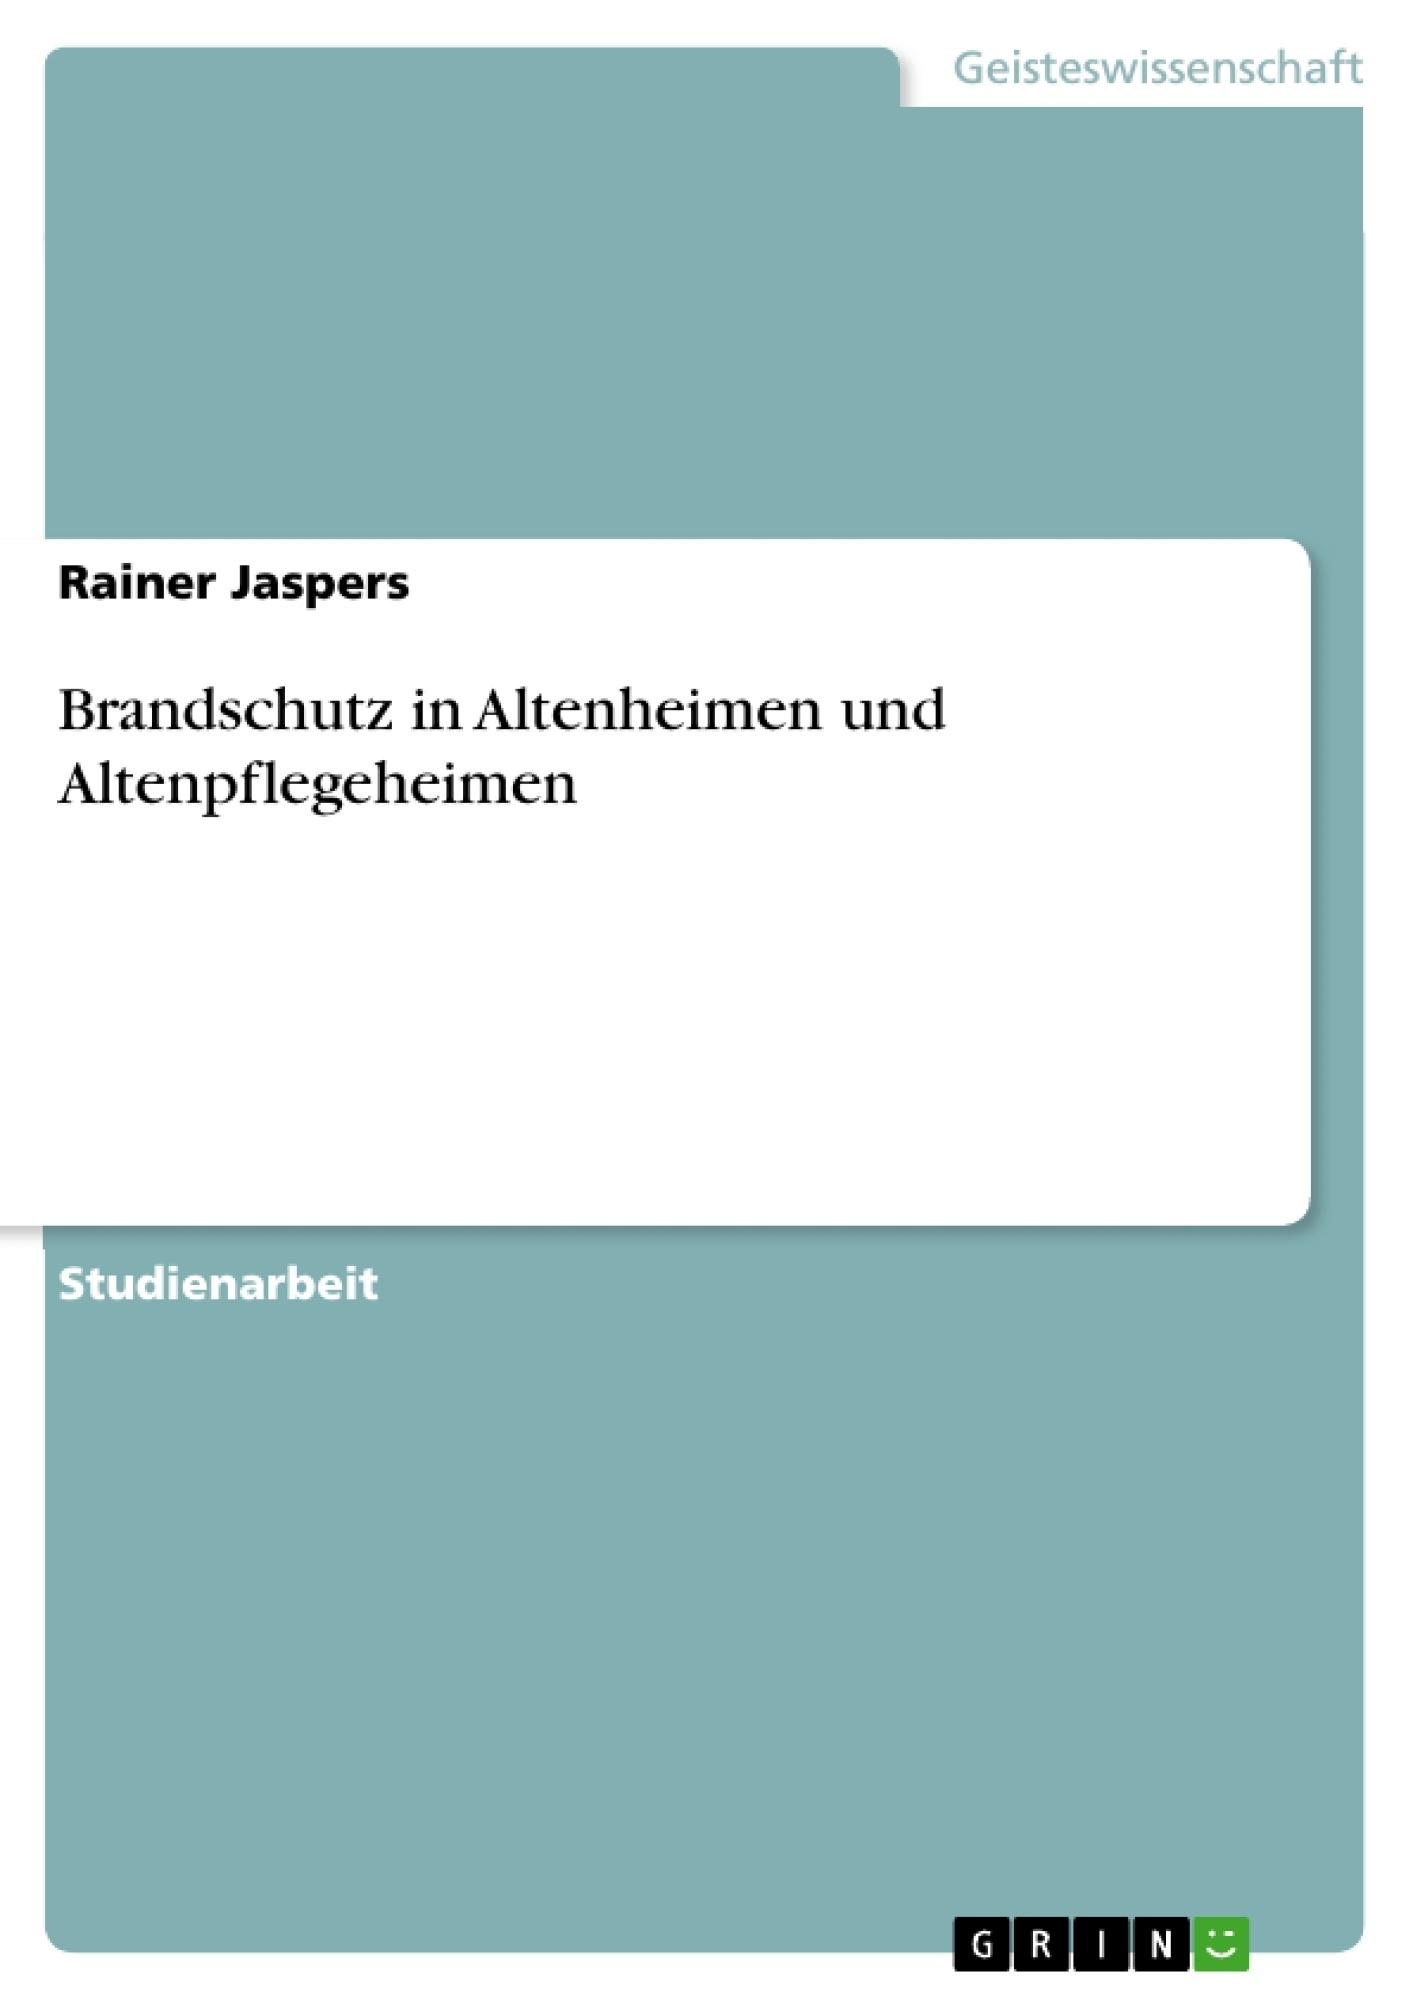 Titel: Brandschutz in Altenheimen und Altenpflegeheimen